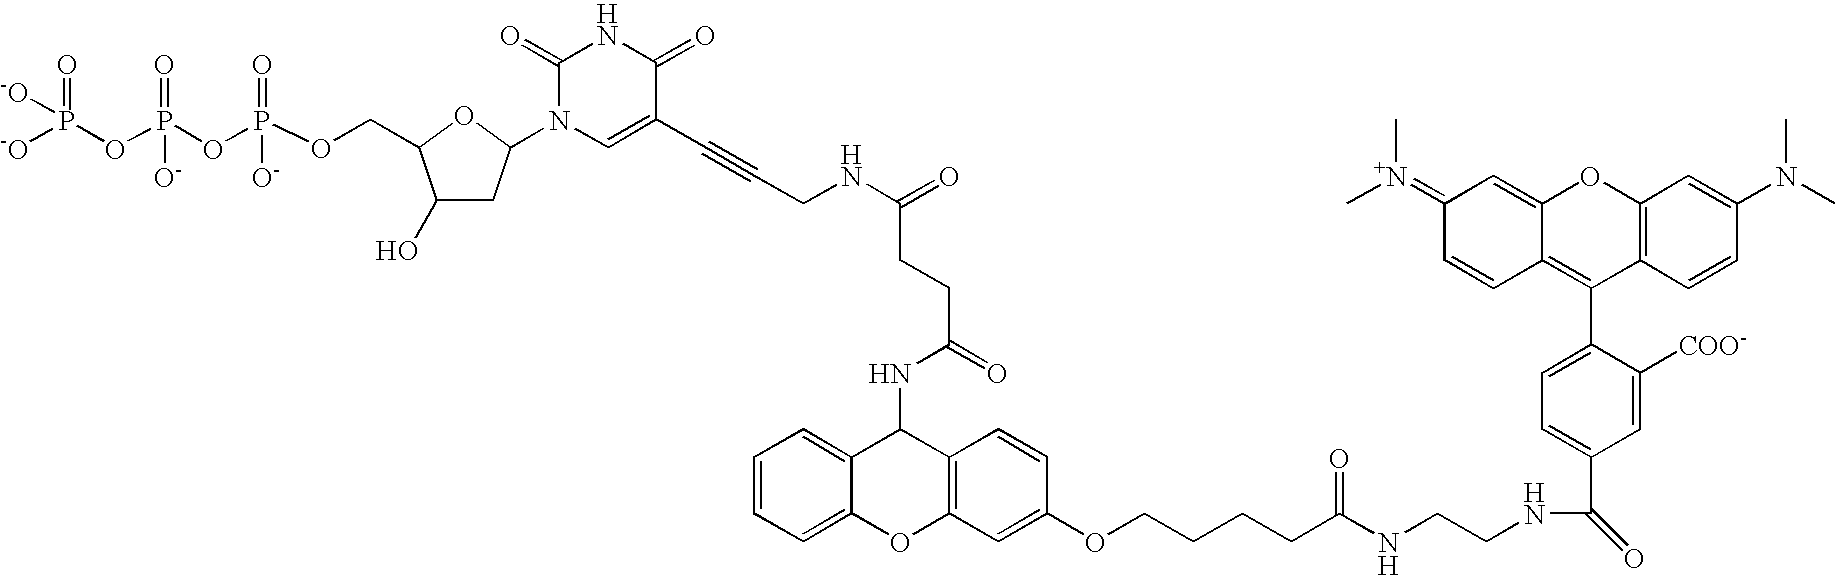 Figure US20060188901A1-20060824-C00006